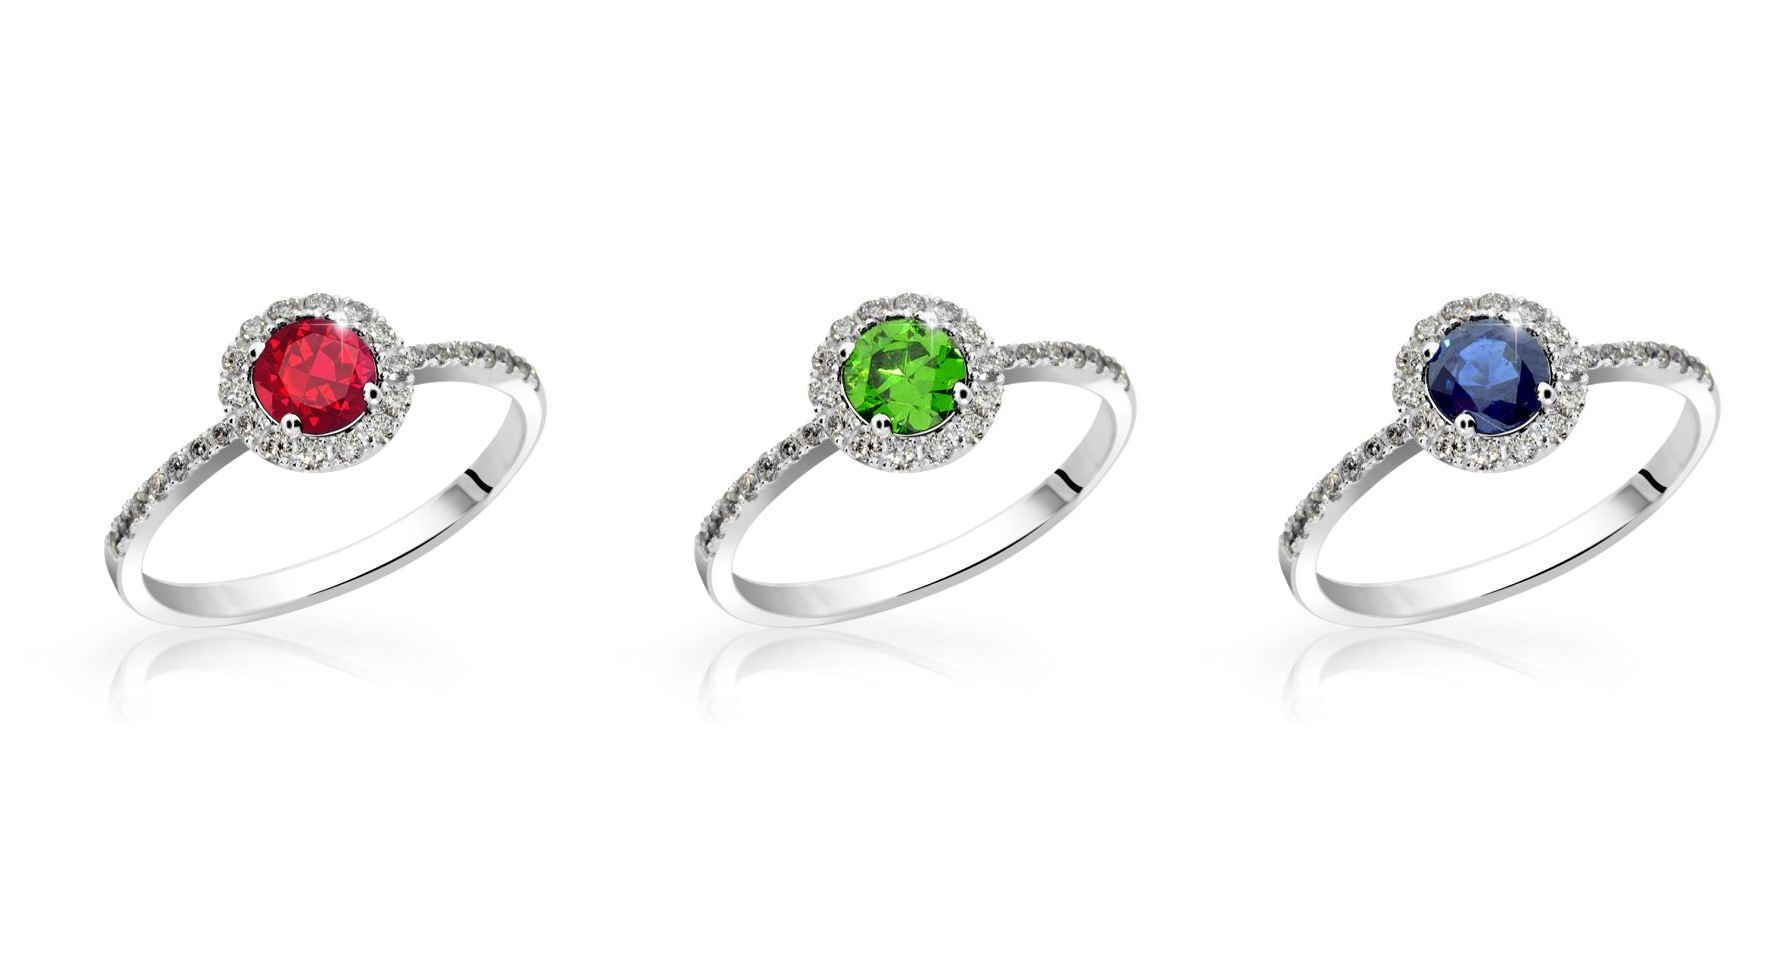 """""""Velká trojka drahokamů"""" - vyberte šperky s drahokamy, ve kterých každý zazáří!"""